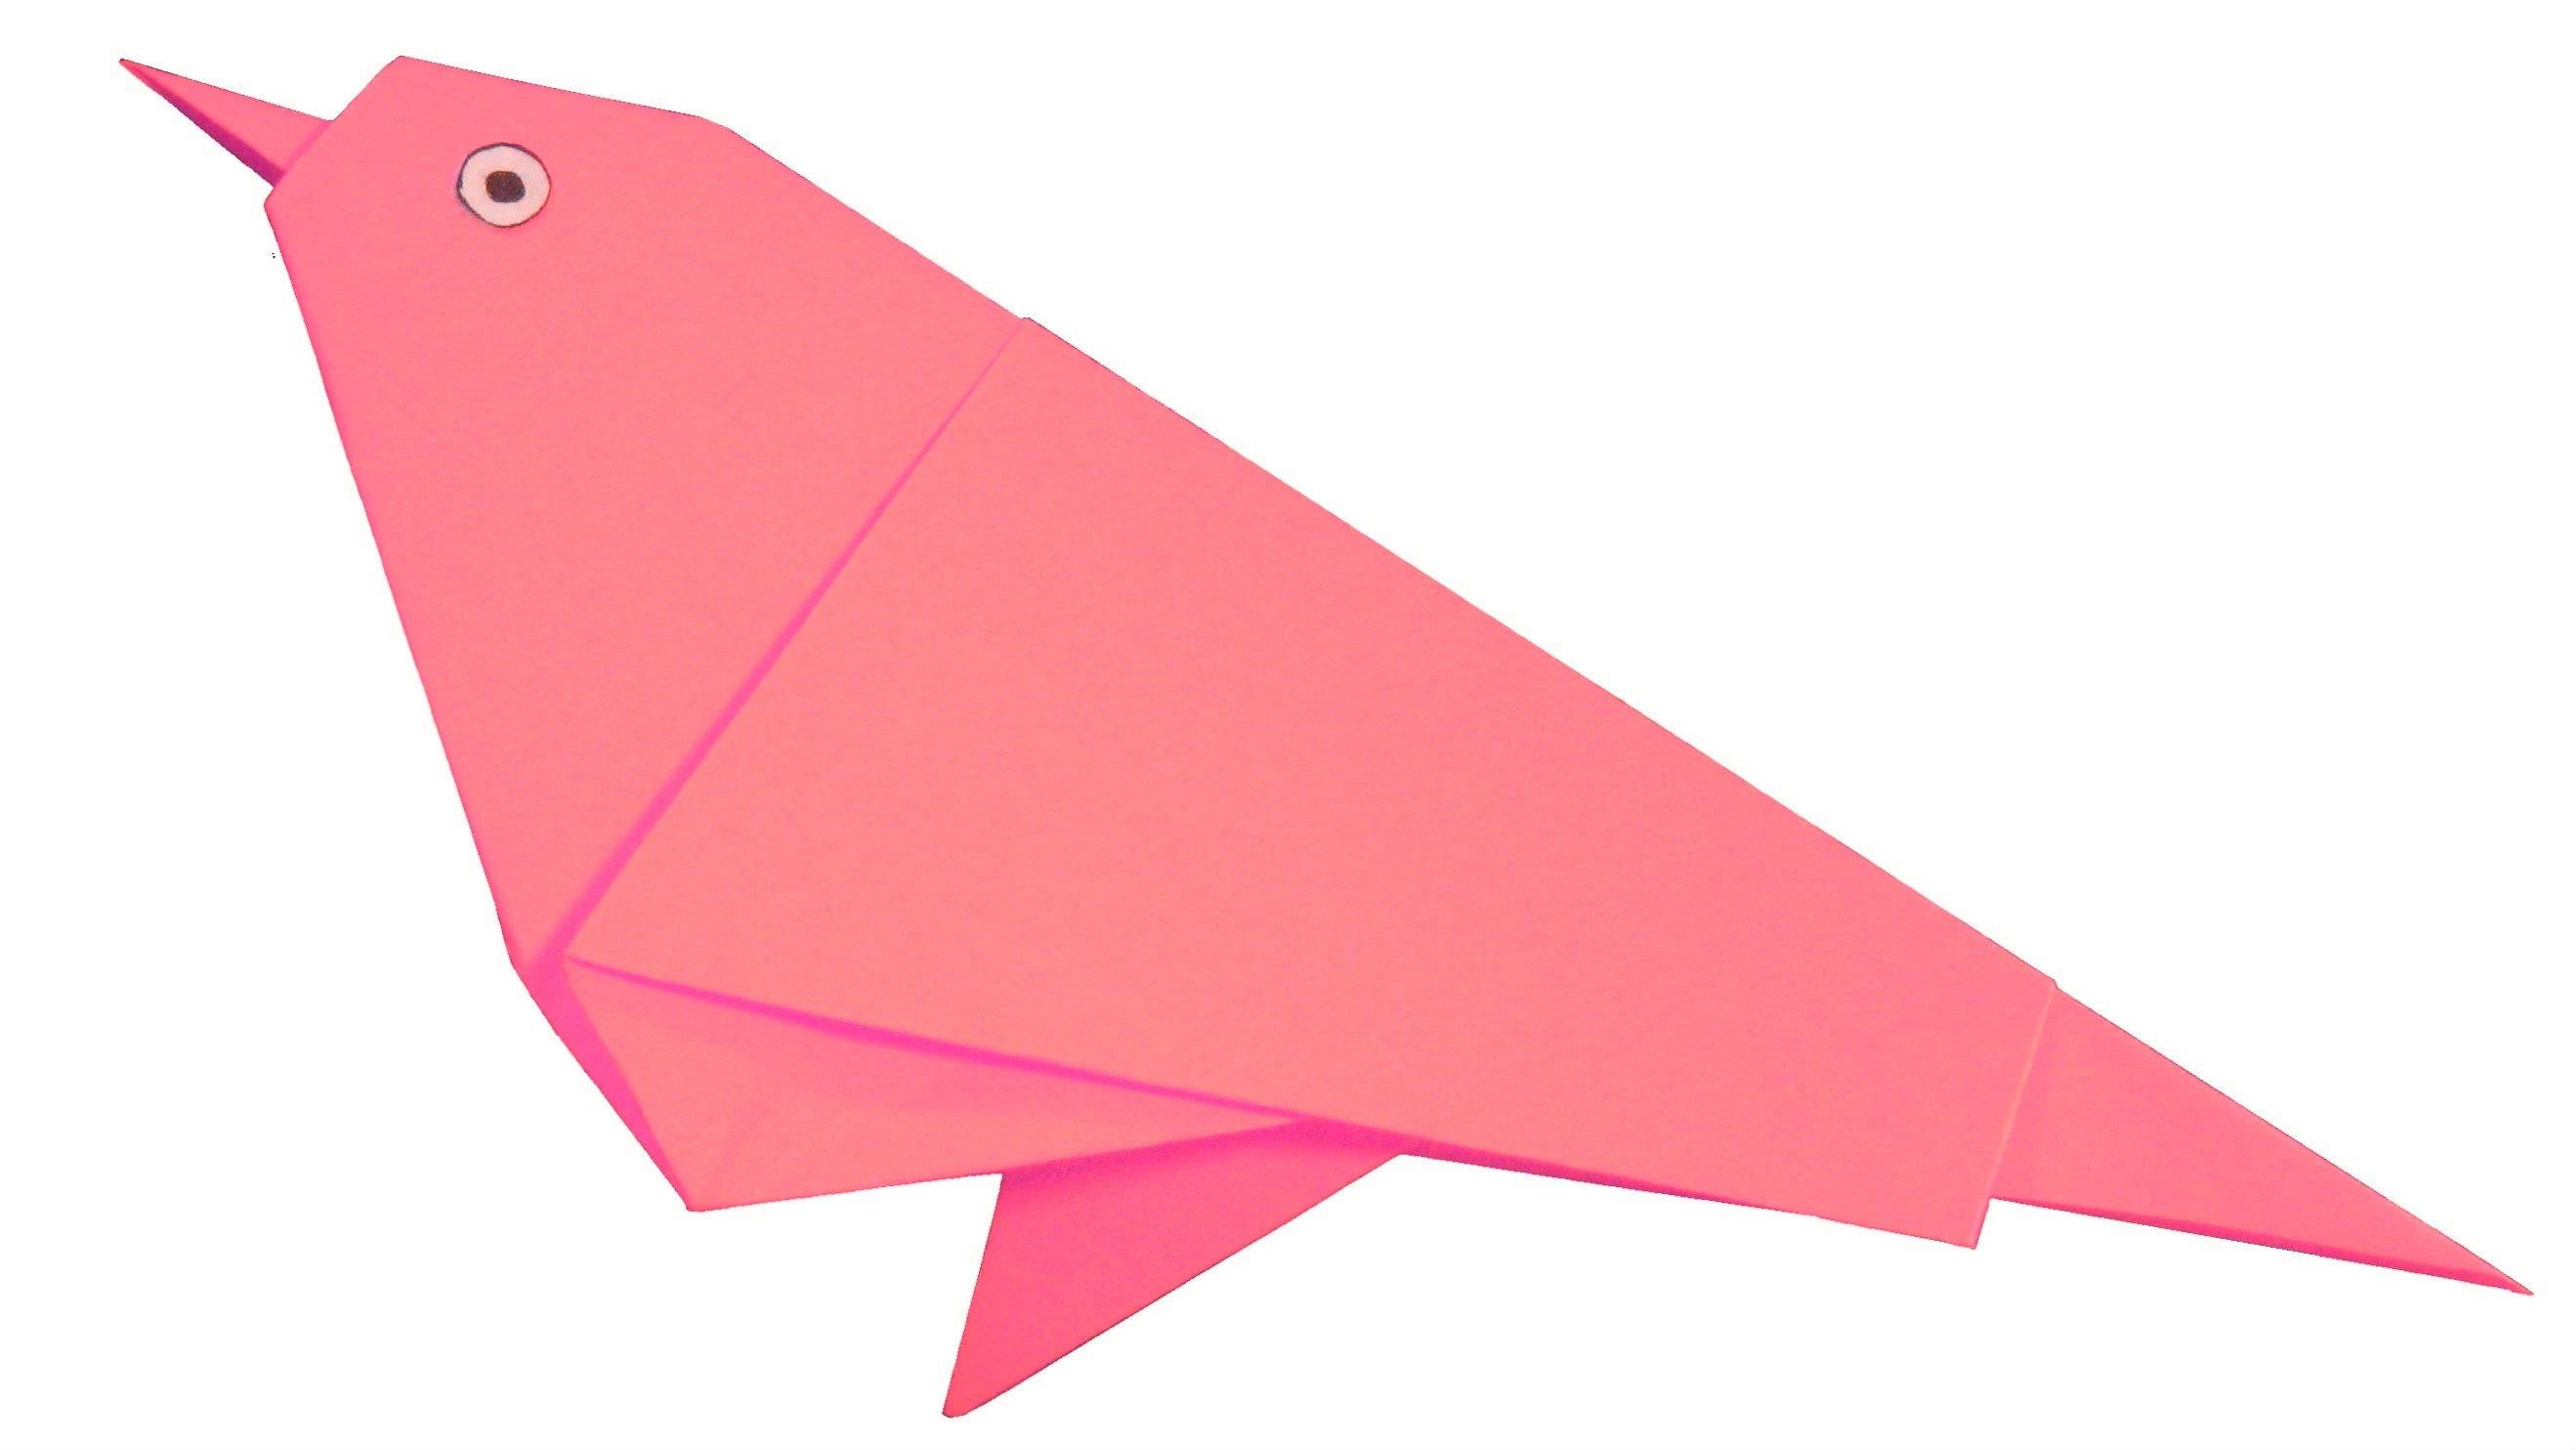 Gorrión de origami